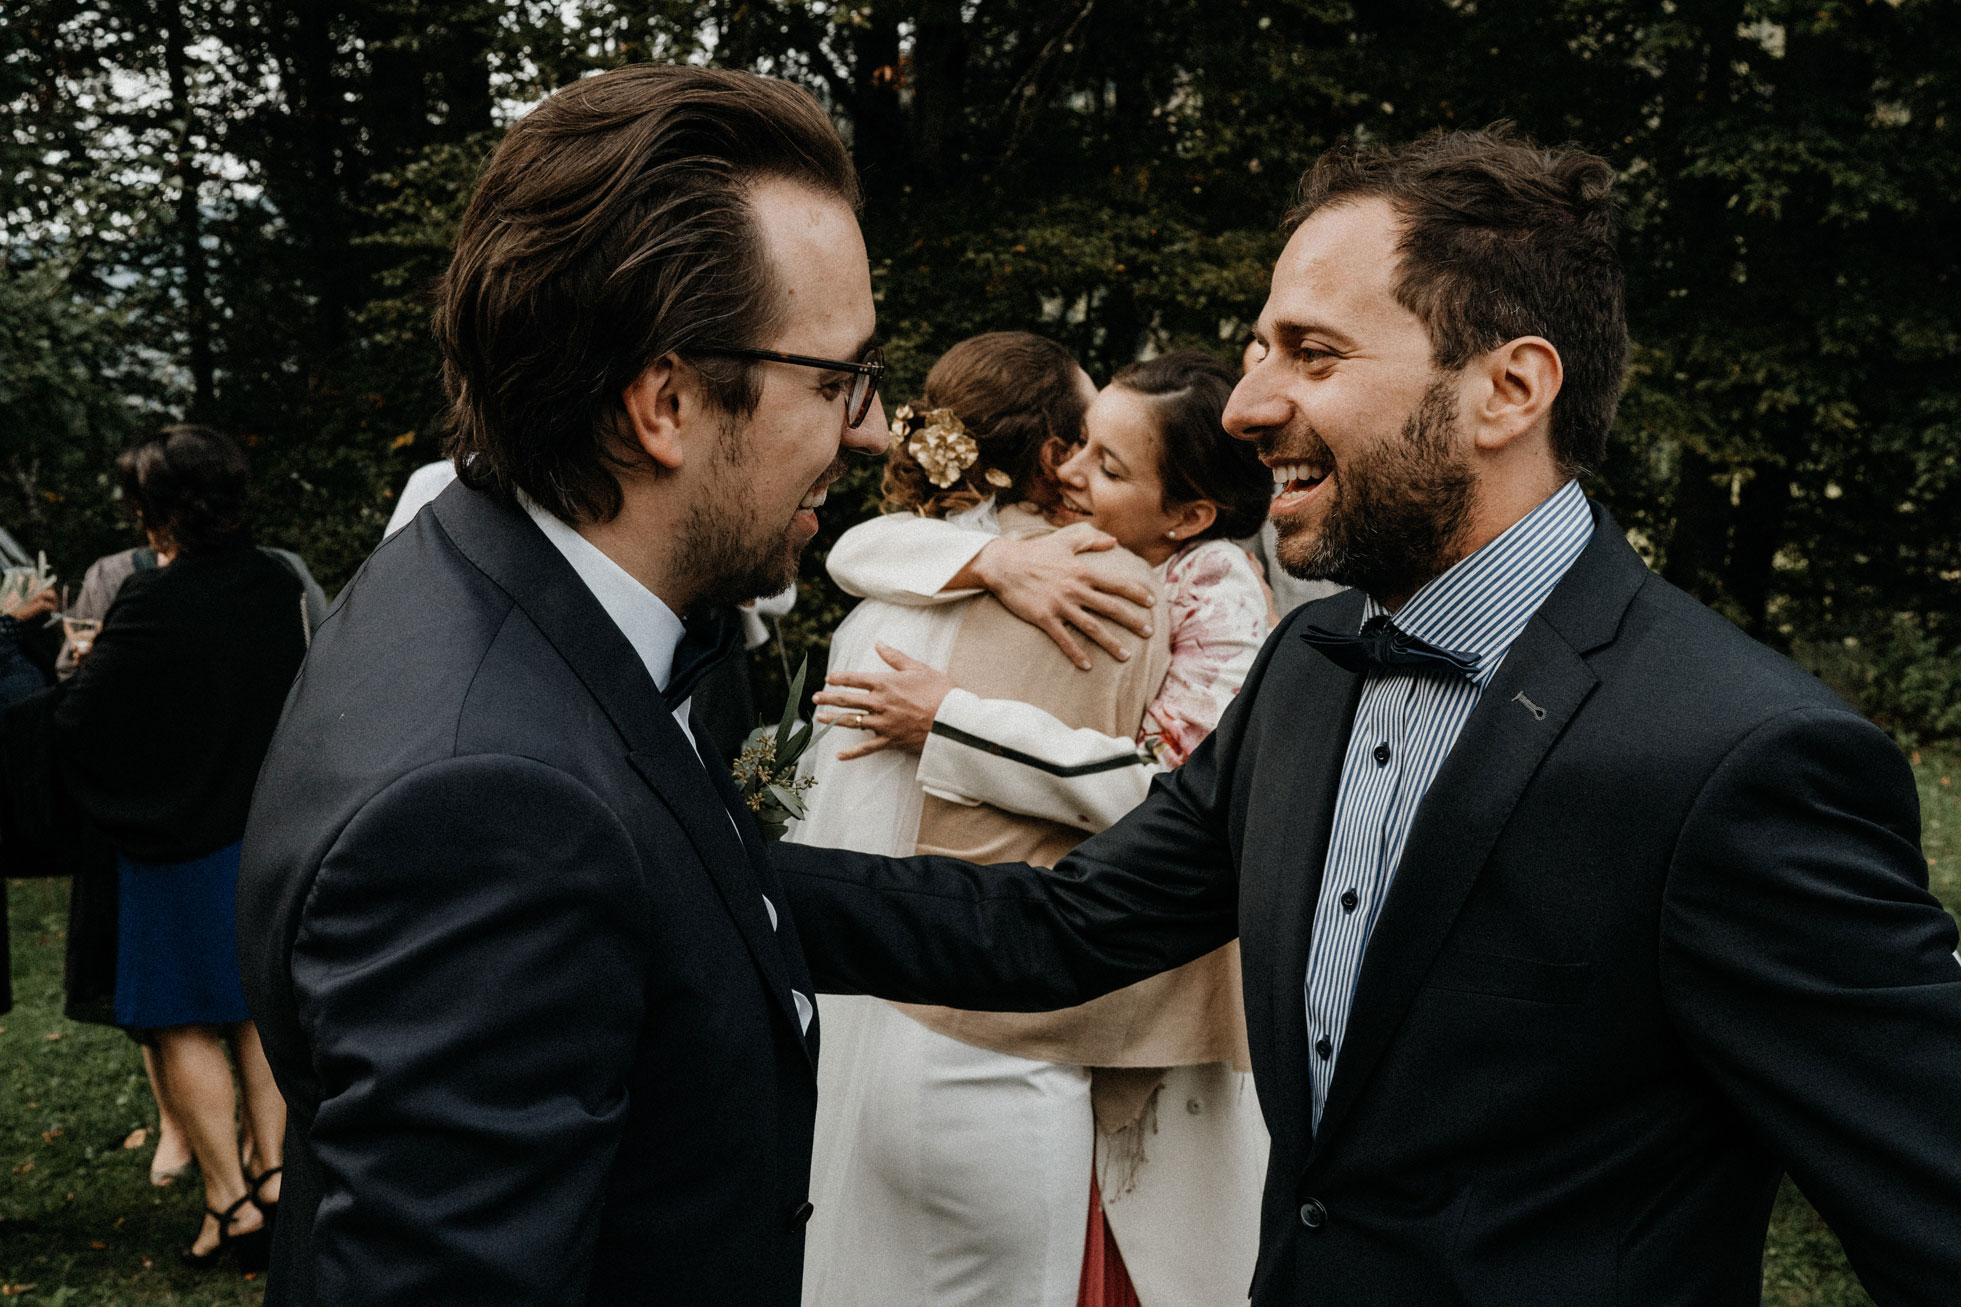 Hochzeit_Claire_Manuel_Villa_Maund_Daniel_Jenny-281.jpg